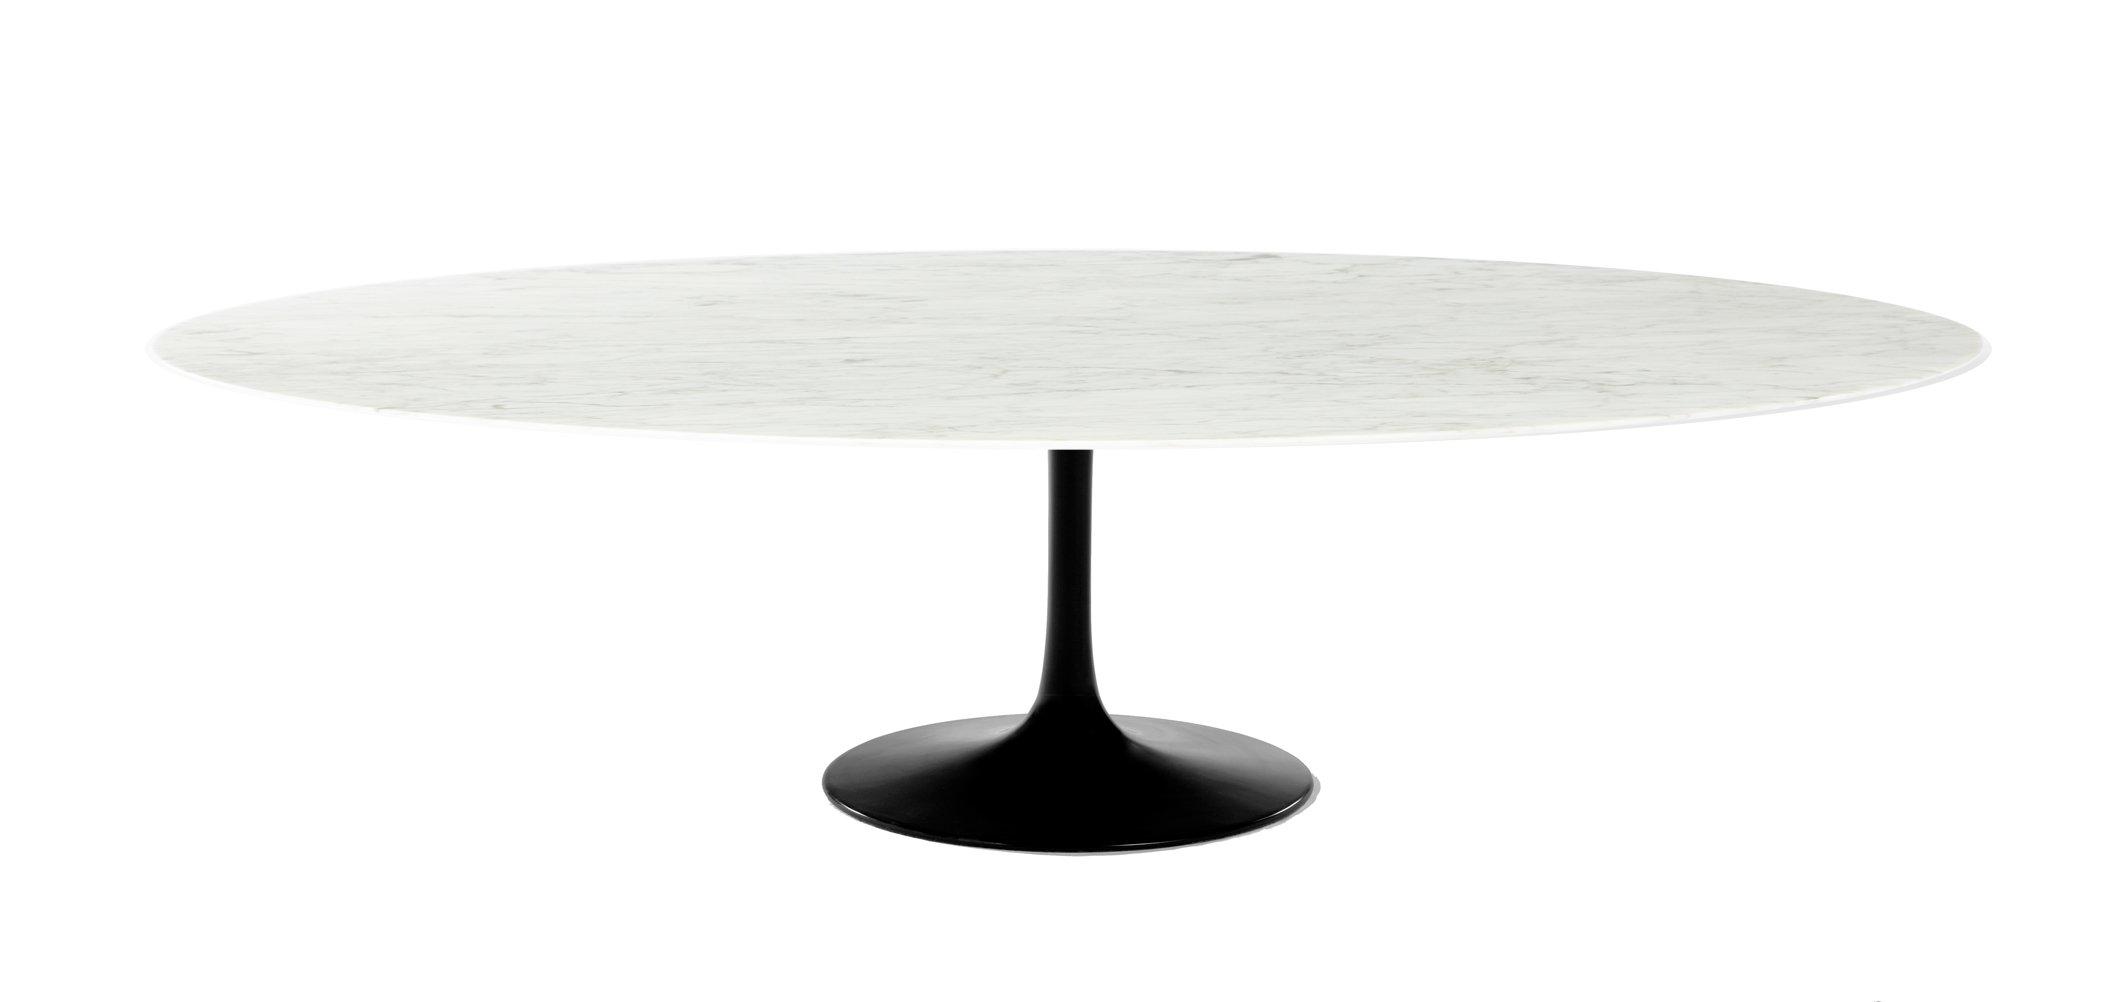 Saarinen 96 Oval Marble Tulip Dining Table Eero Saarinen Njmodern Furniture